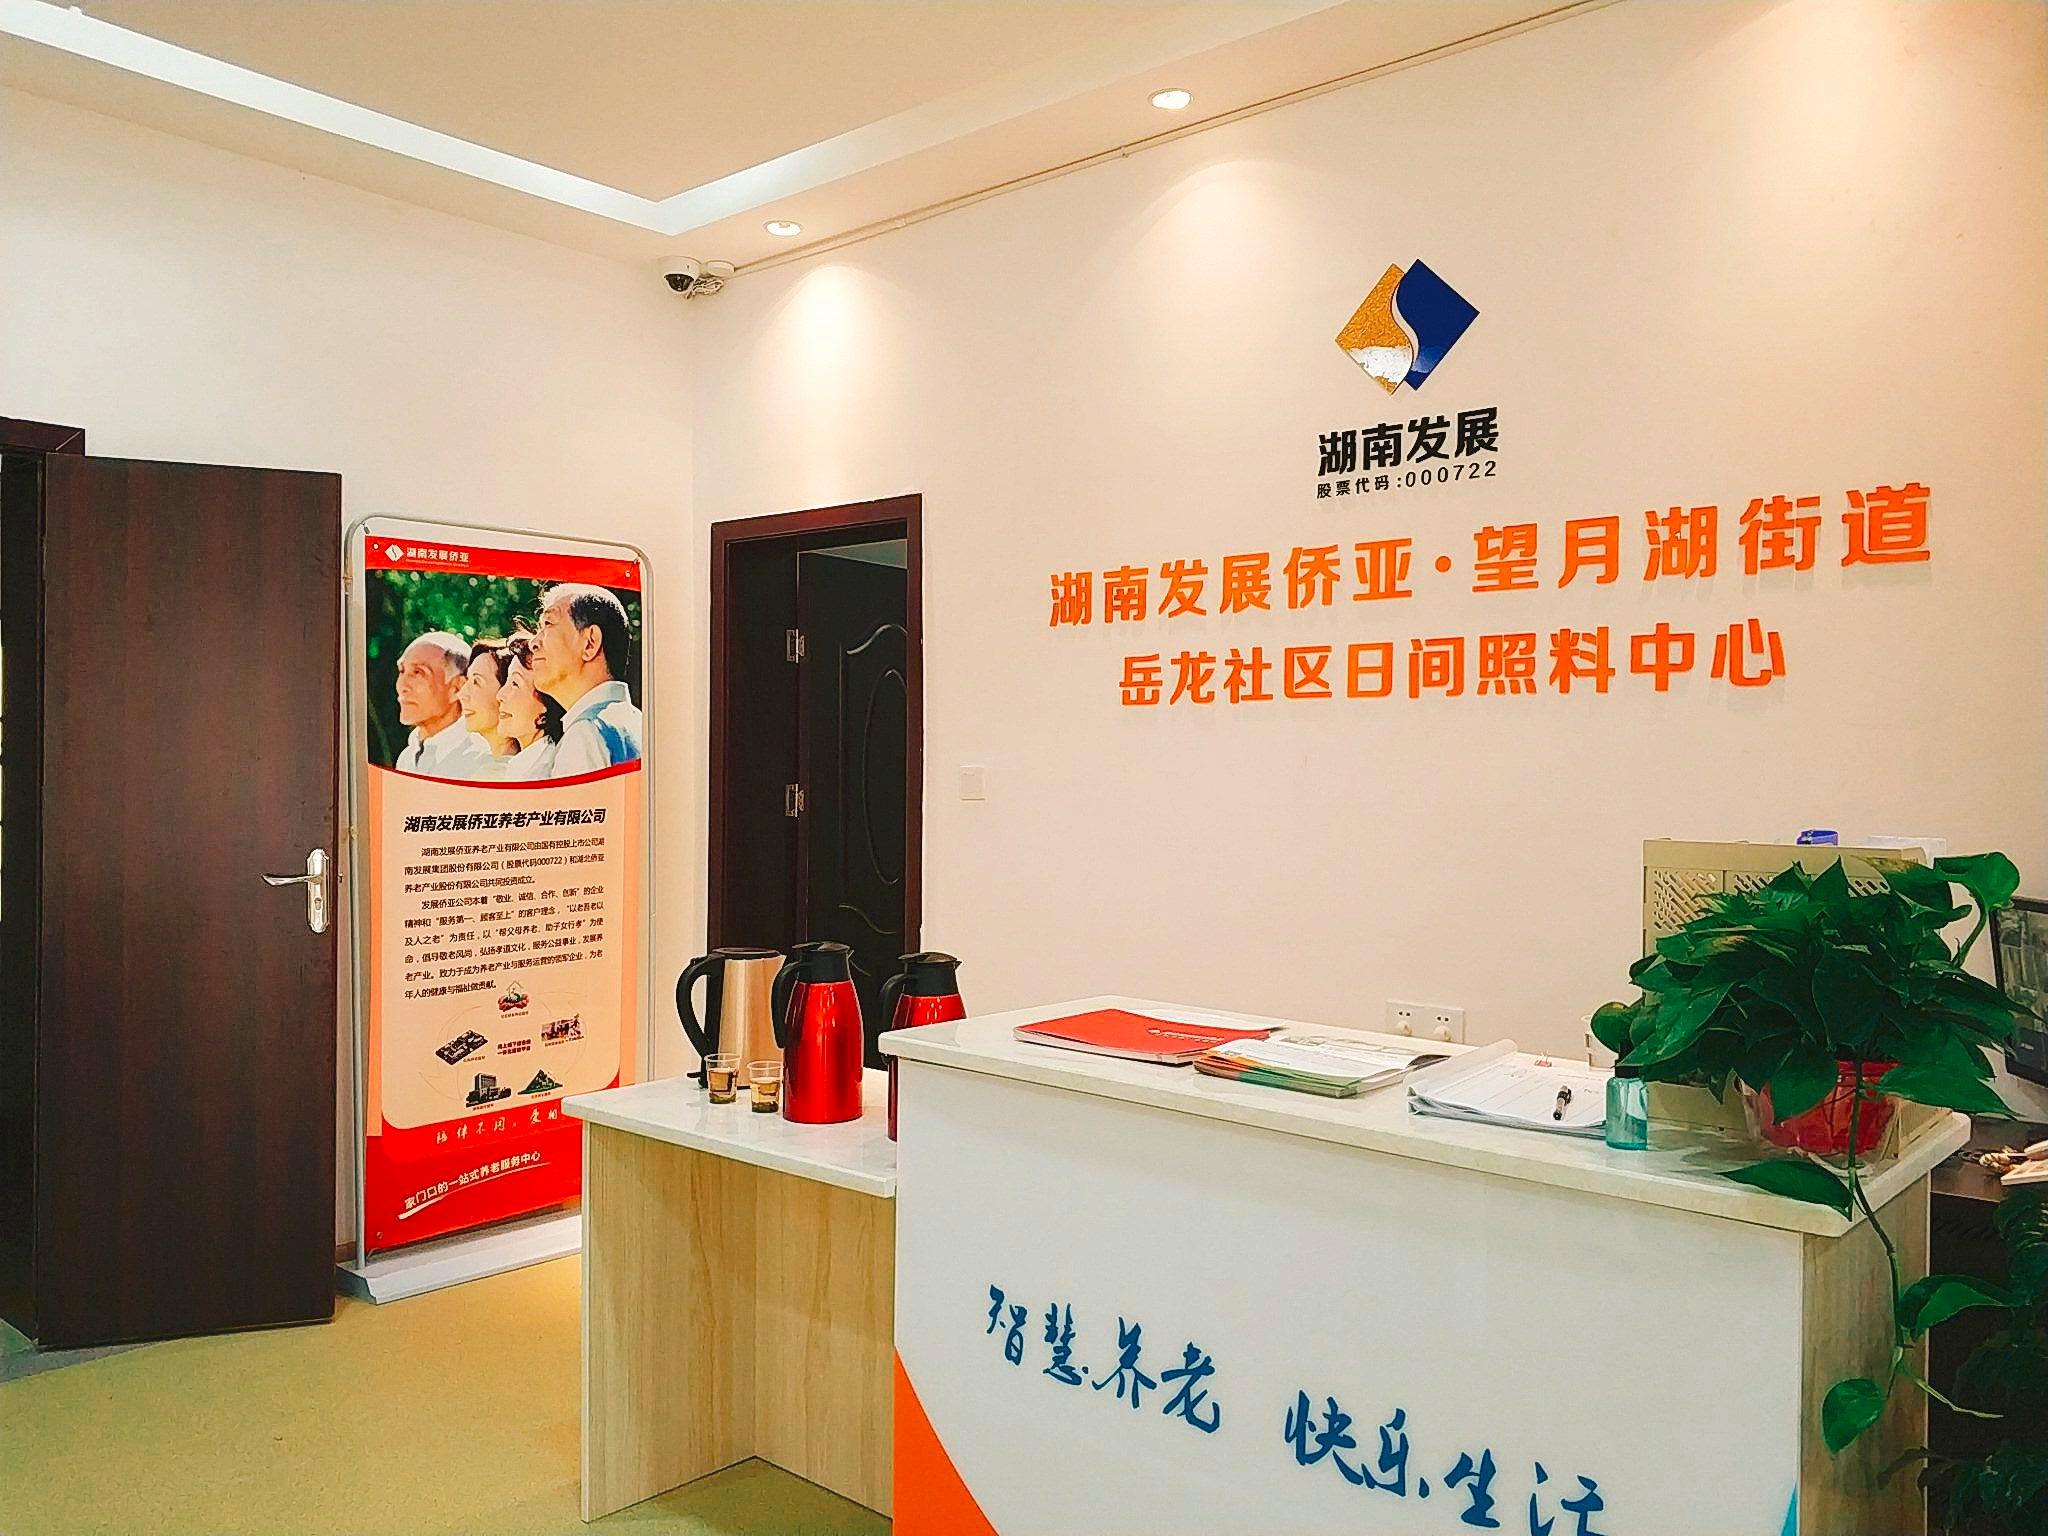 湖南发展第一家社区养老中心开放 打造水电、养老产业双轮驱动模式